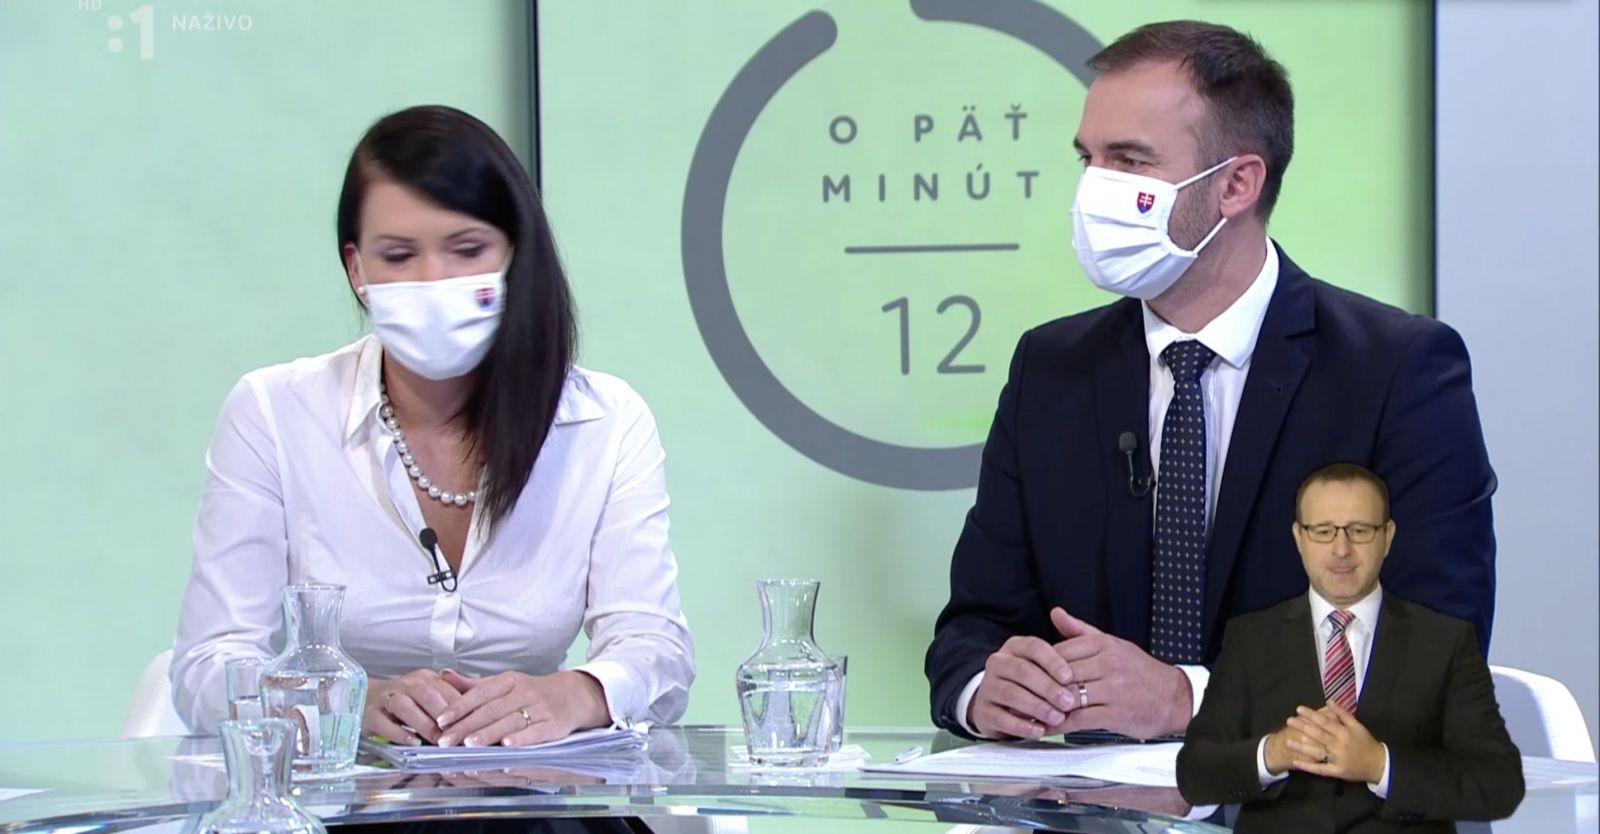 Kotleba si v O 5 minút 12 odmietol nasadiť rúško, moderátor ho z diskusie nevyhodil